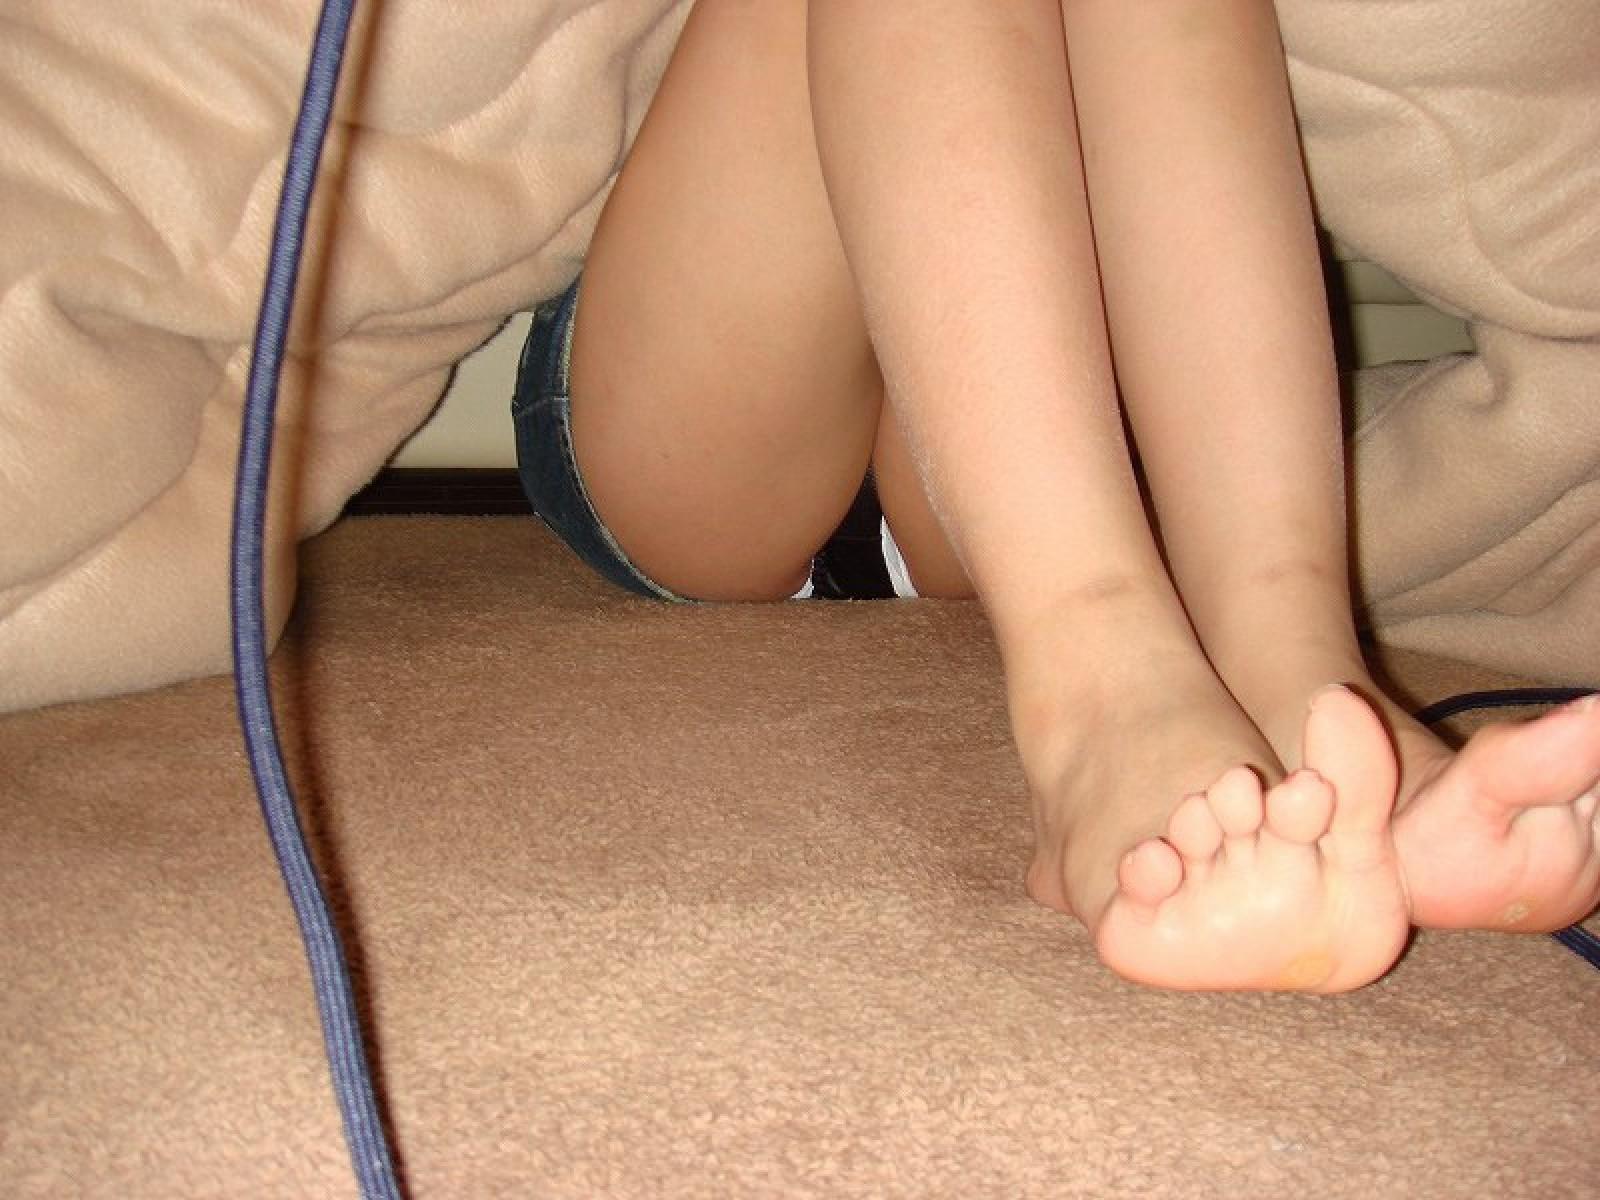 【二次エロ画像】この可愛い顔がこの後どう歪むのか楽しみな挿入前の美少女www 01